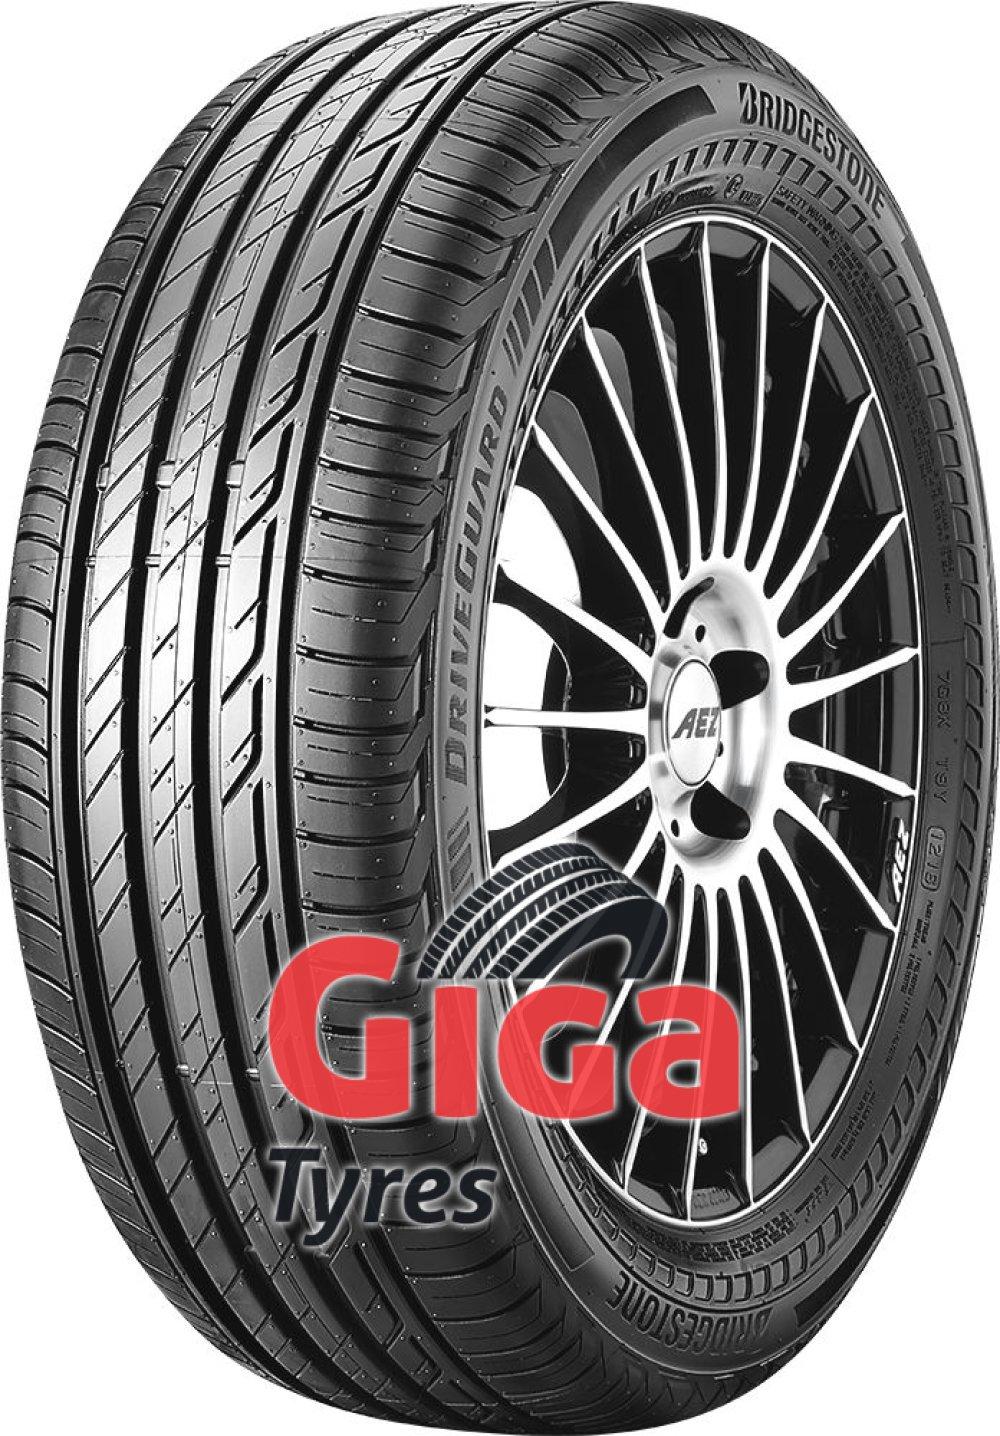 Bridgestone DriveGuard RFT ( 205/50 R17 93W XL DriveGuard, with rim protection (MFS), runflat )